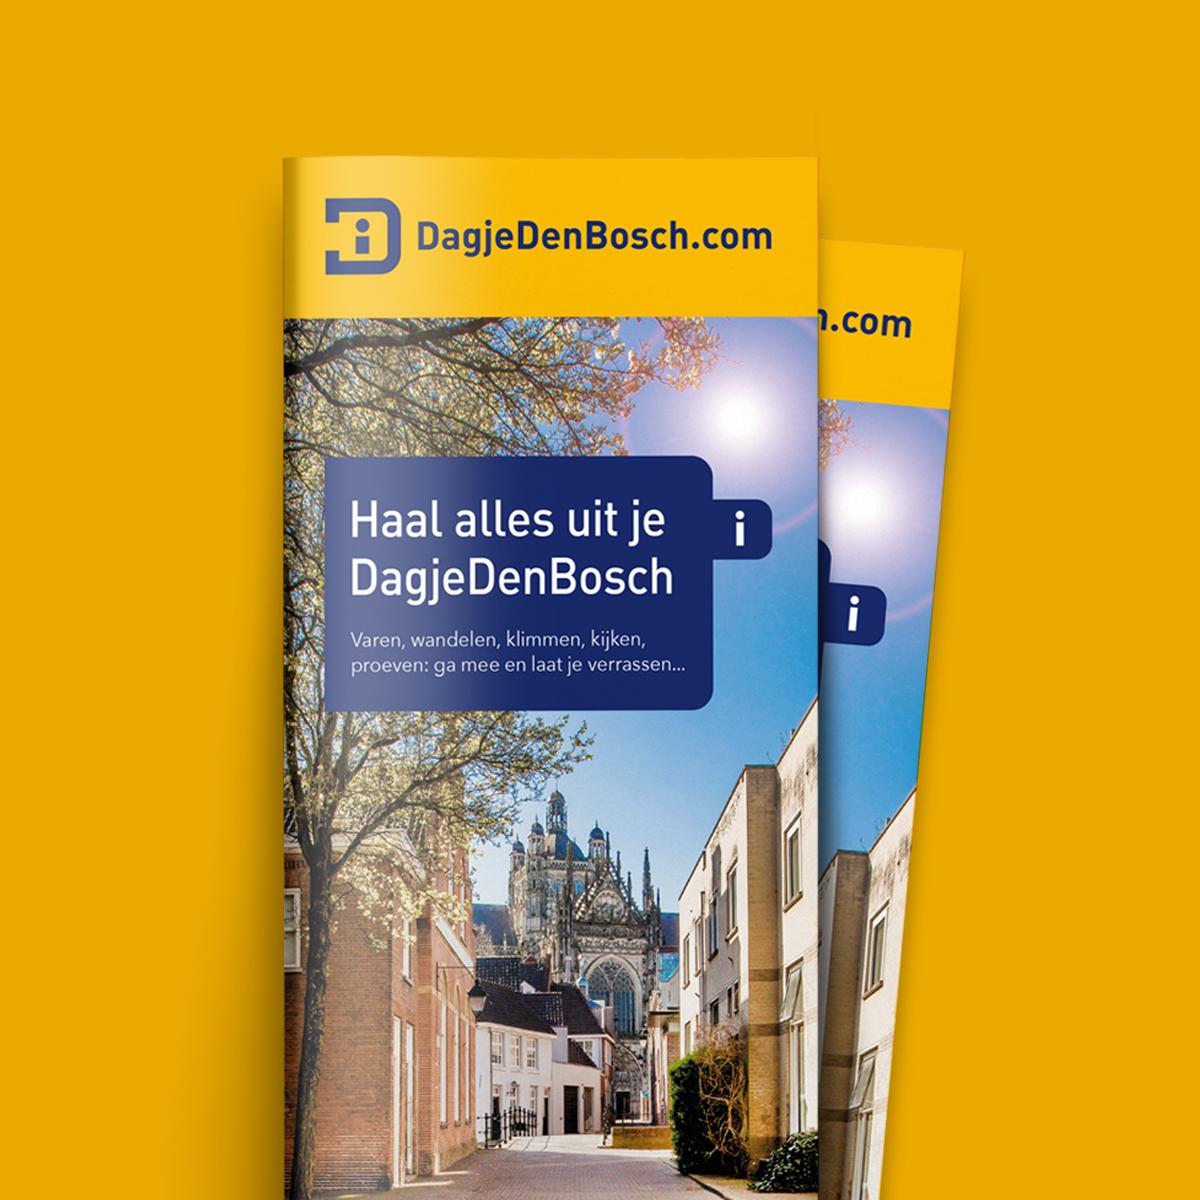 activiteitenfolder dagjedenbosch.com